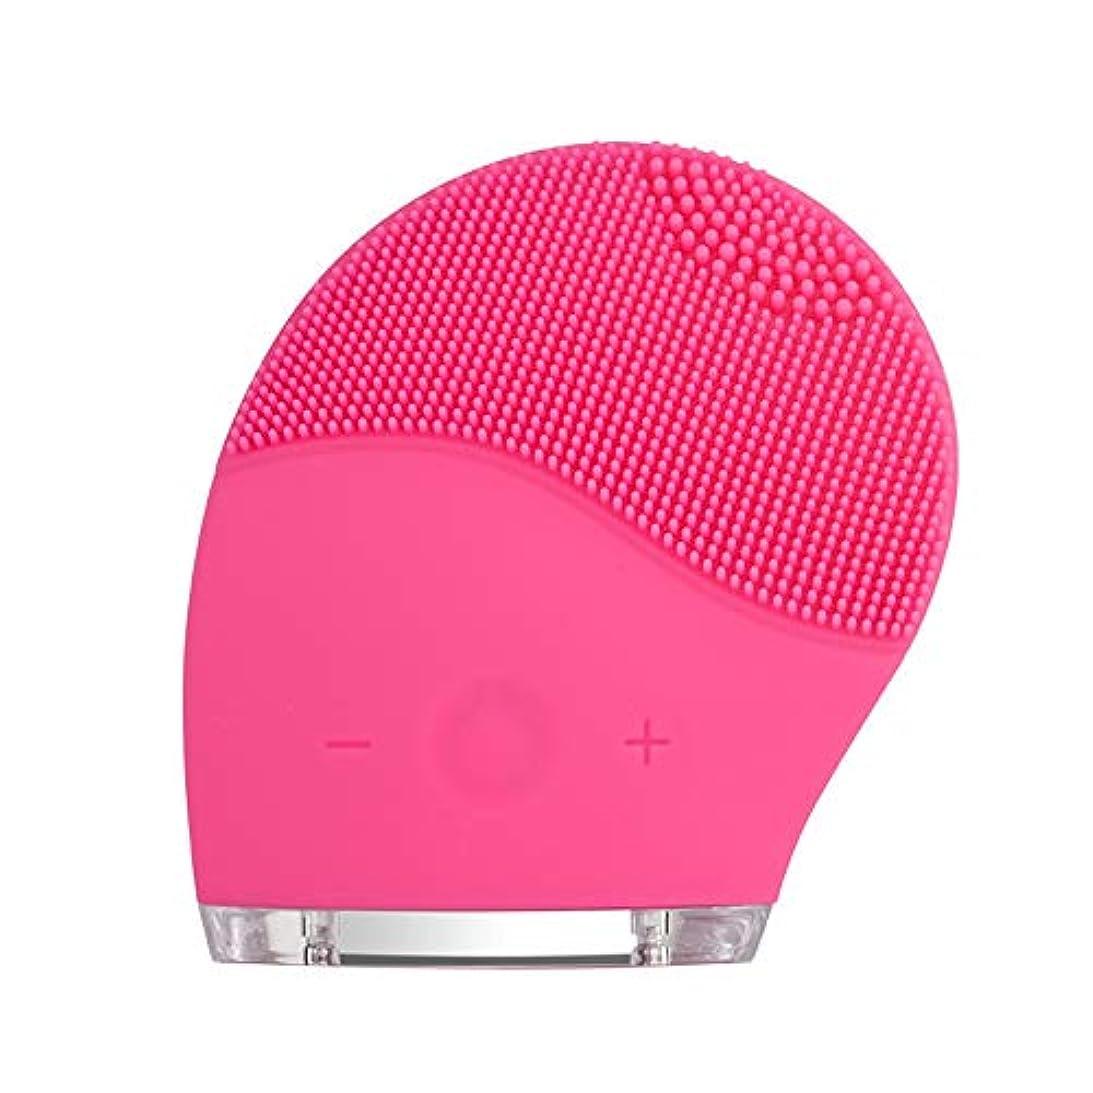 湿ったのリマークkaixi 2019最新のシリコーンクレンジング楽器洗浄ブラシ電気美容器具毛穴きれいな柔らかい髪振動充電式洗浄アーティファクト